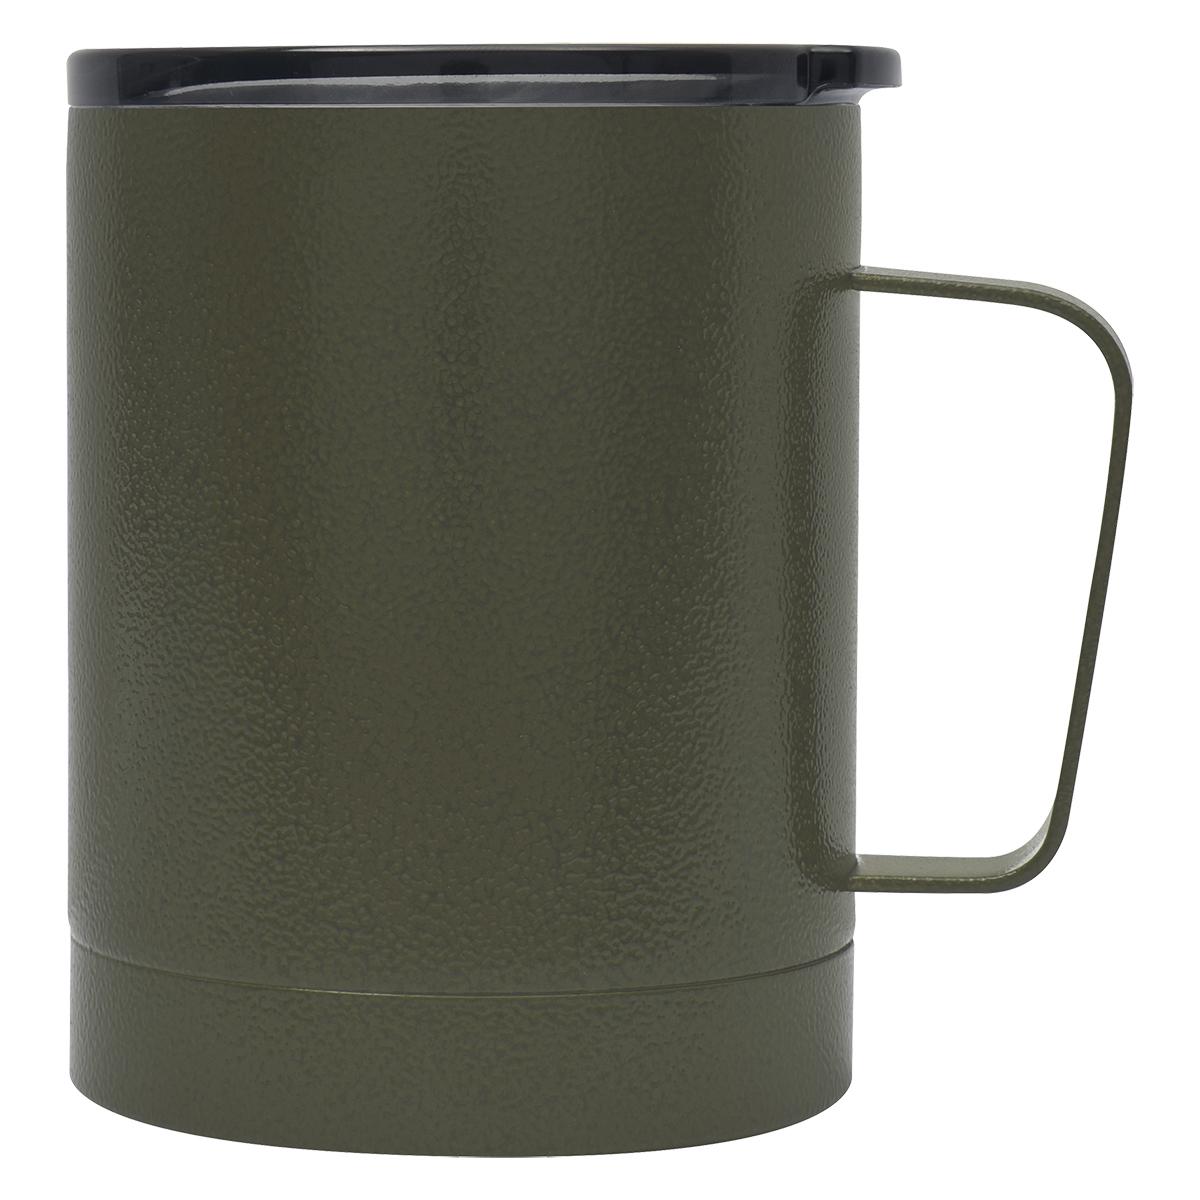 5492 - Taza Térmica de Acero Inoxidable 354 ml.